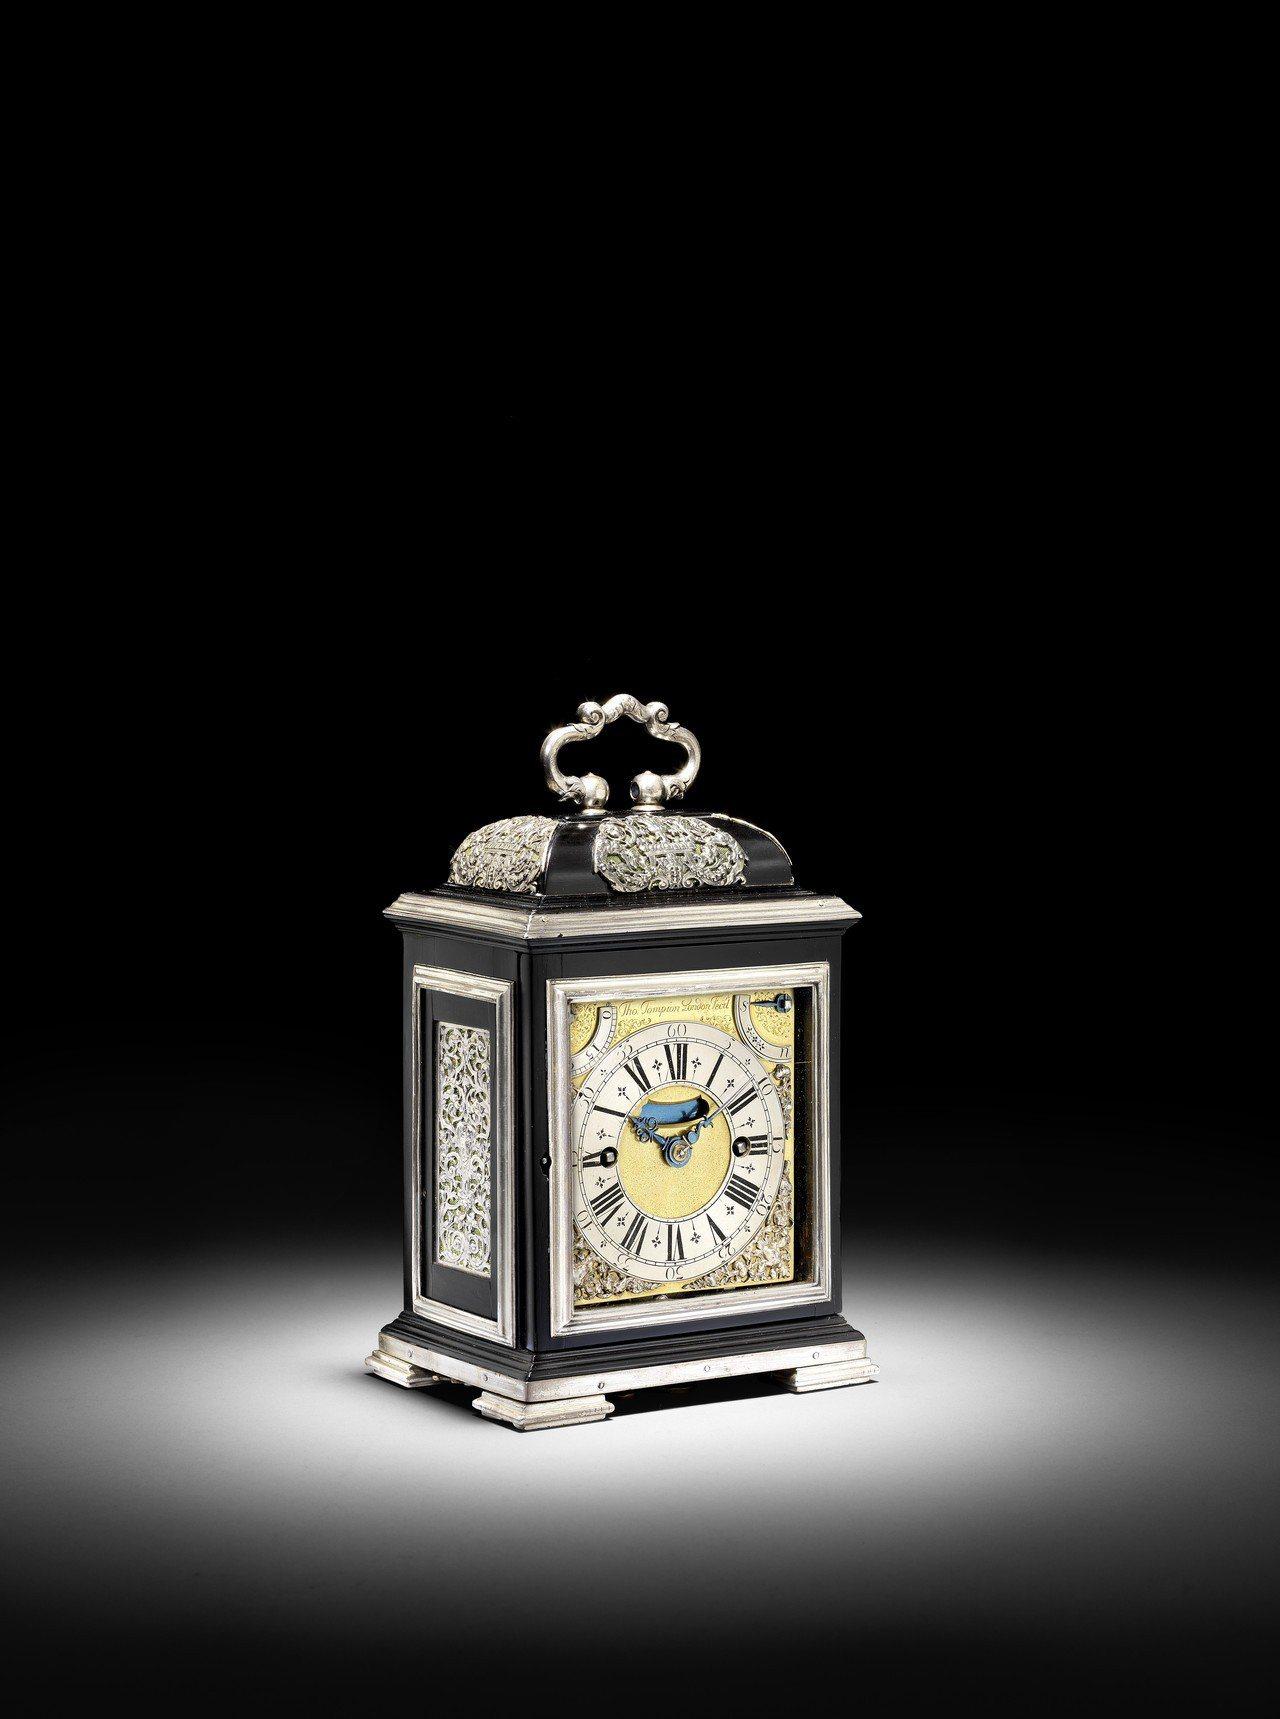 「皇家Tompion座鐘」將於6月19日倫敦邦瀚斯所舉辦的「The Clive ...